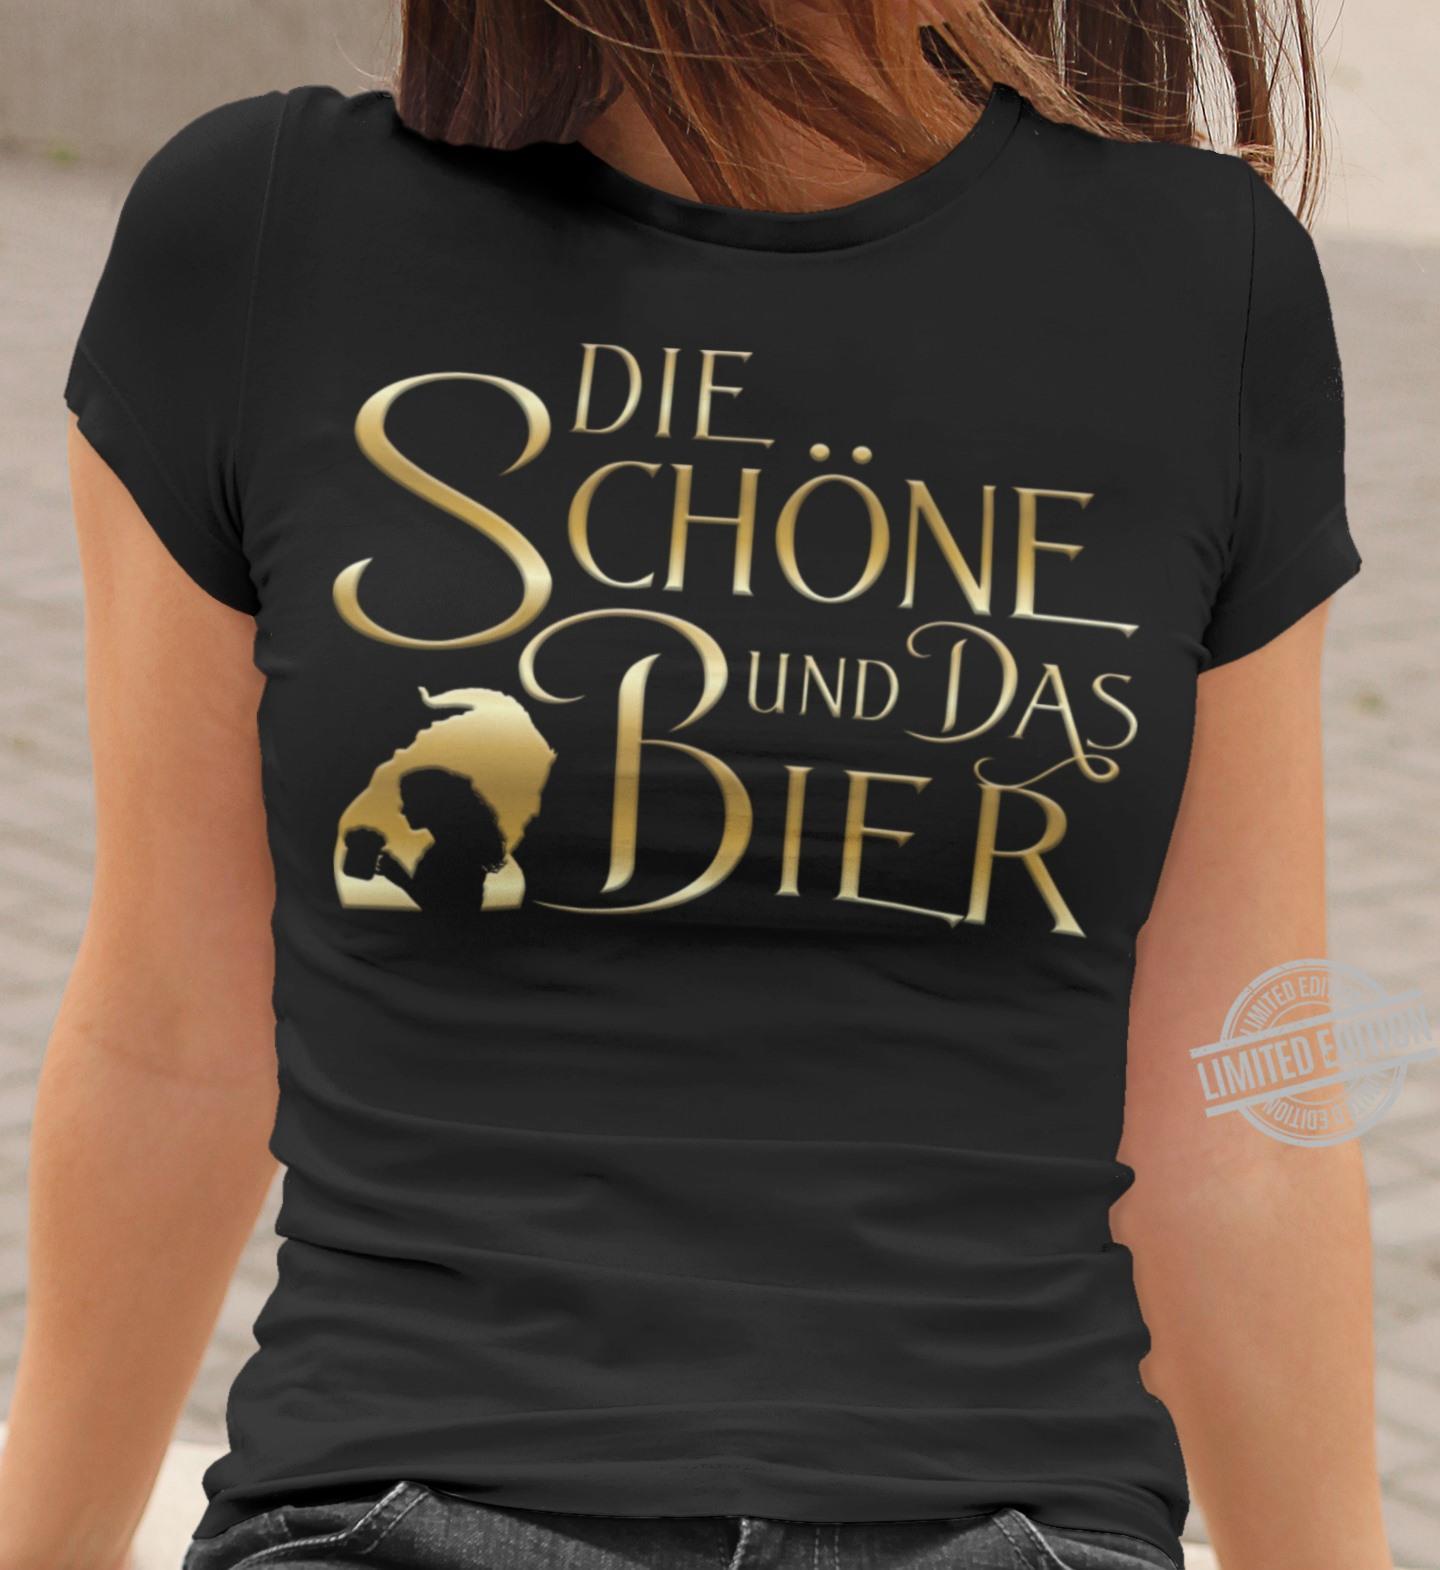 Die Schone Bund Das Bier Men T-Shirt